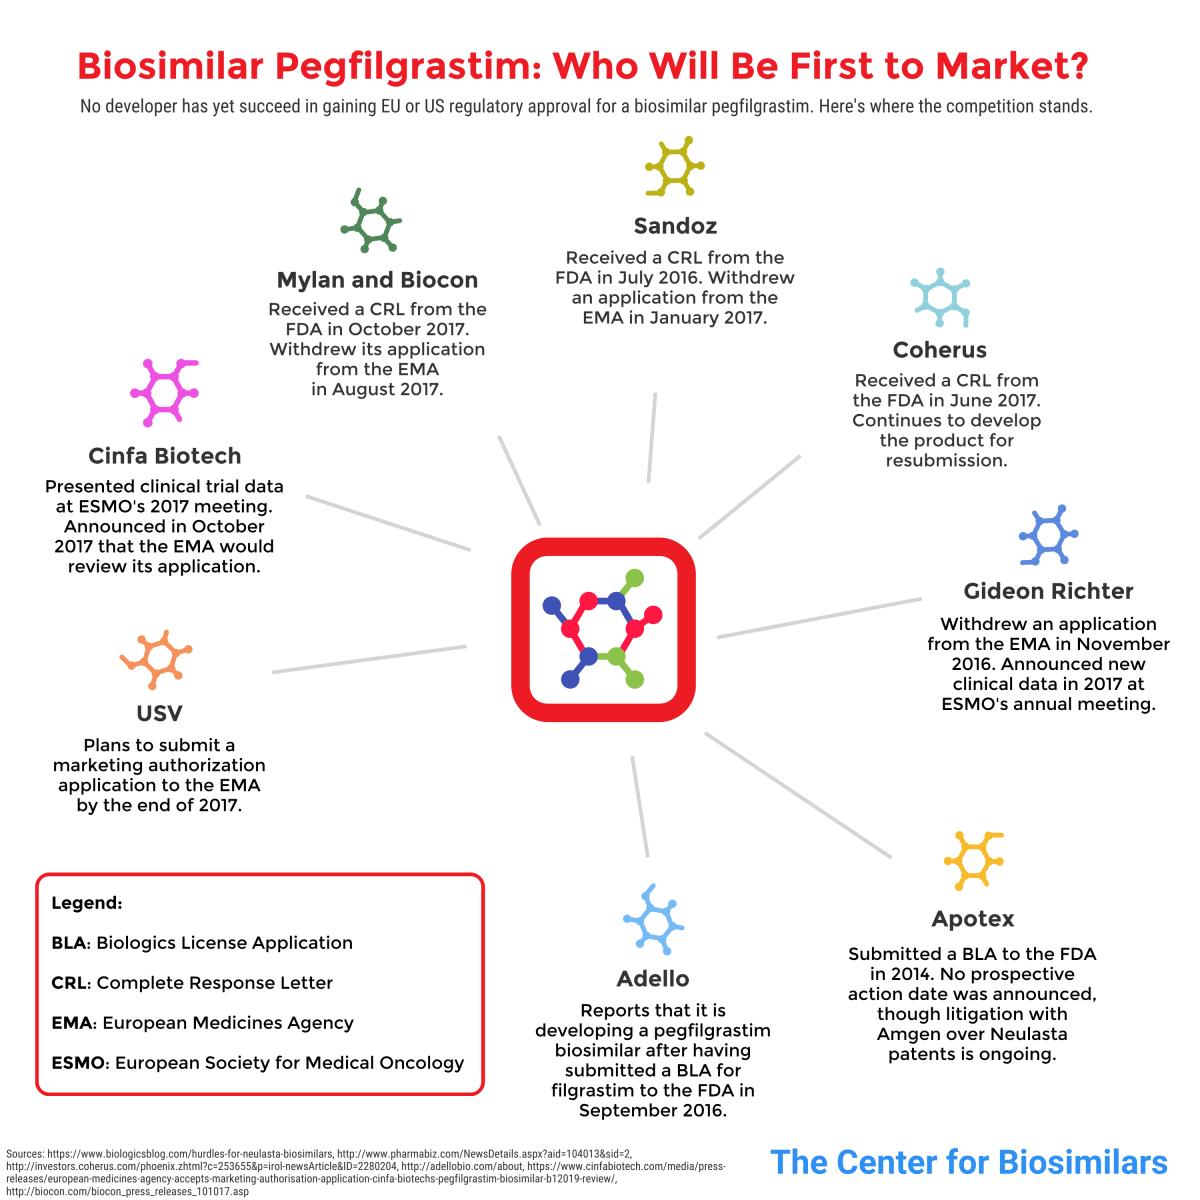 infographic detailing manufacturers developing pegfilgrastim (Neulasta) biosimilar products.